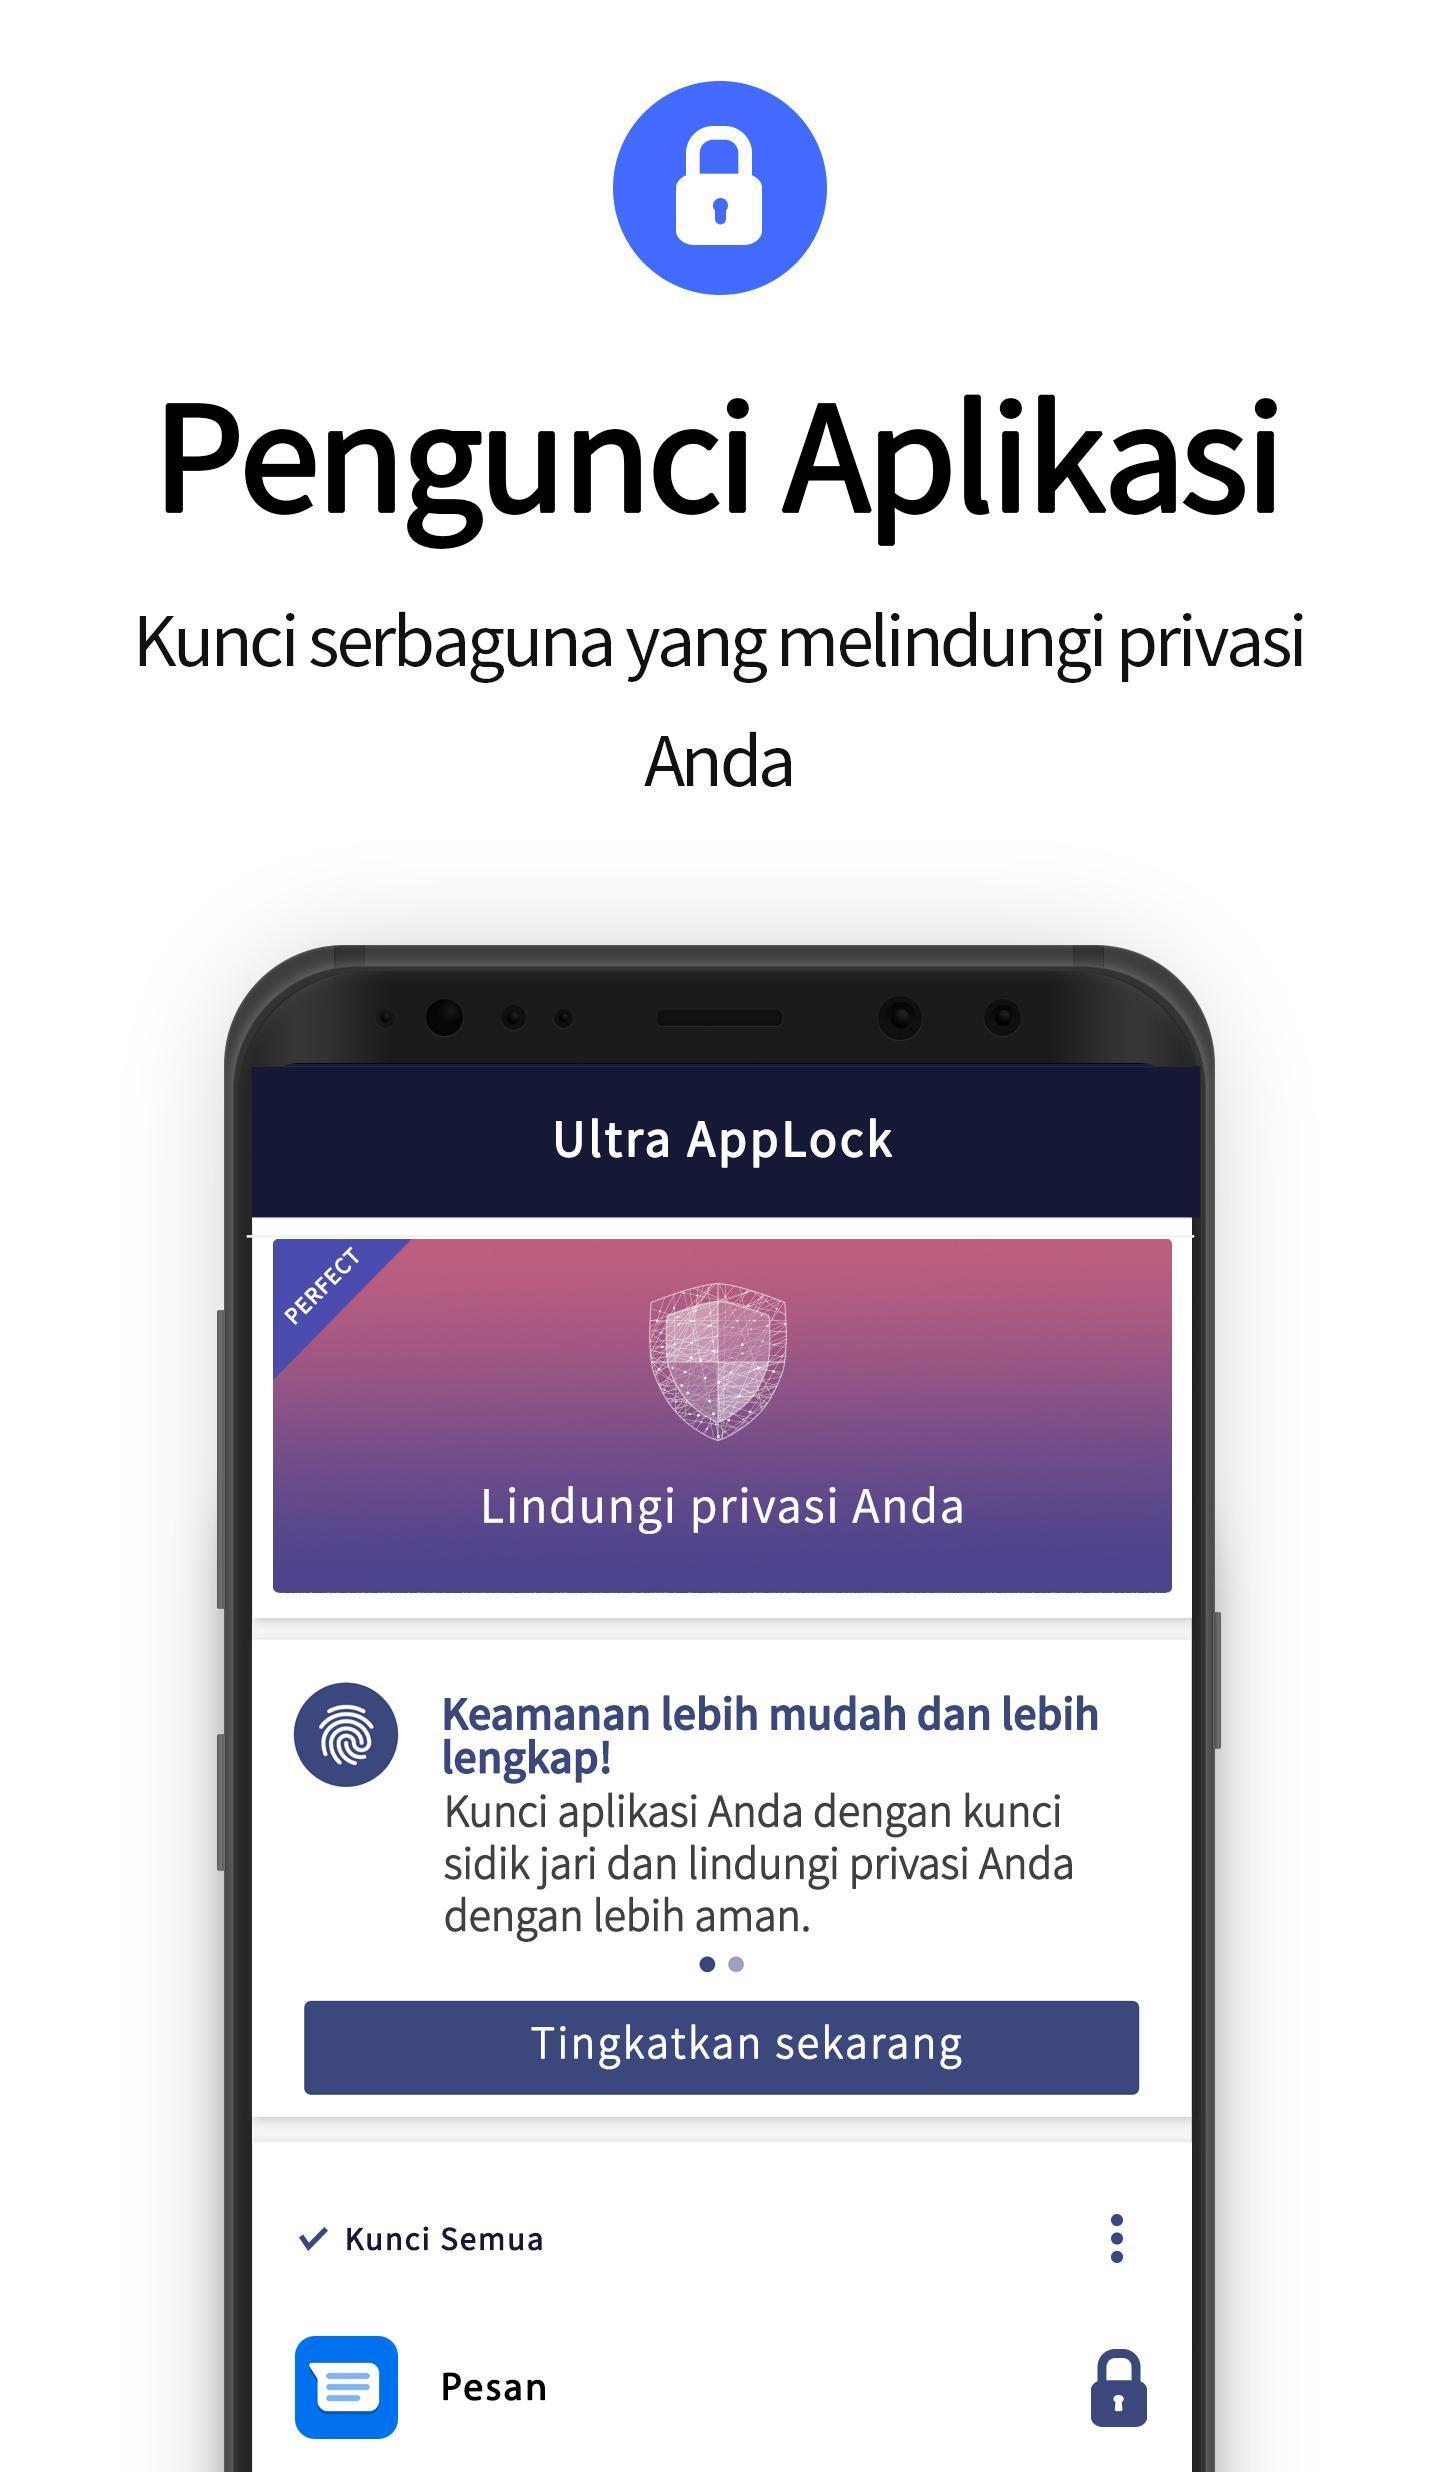 Ultra AppLock